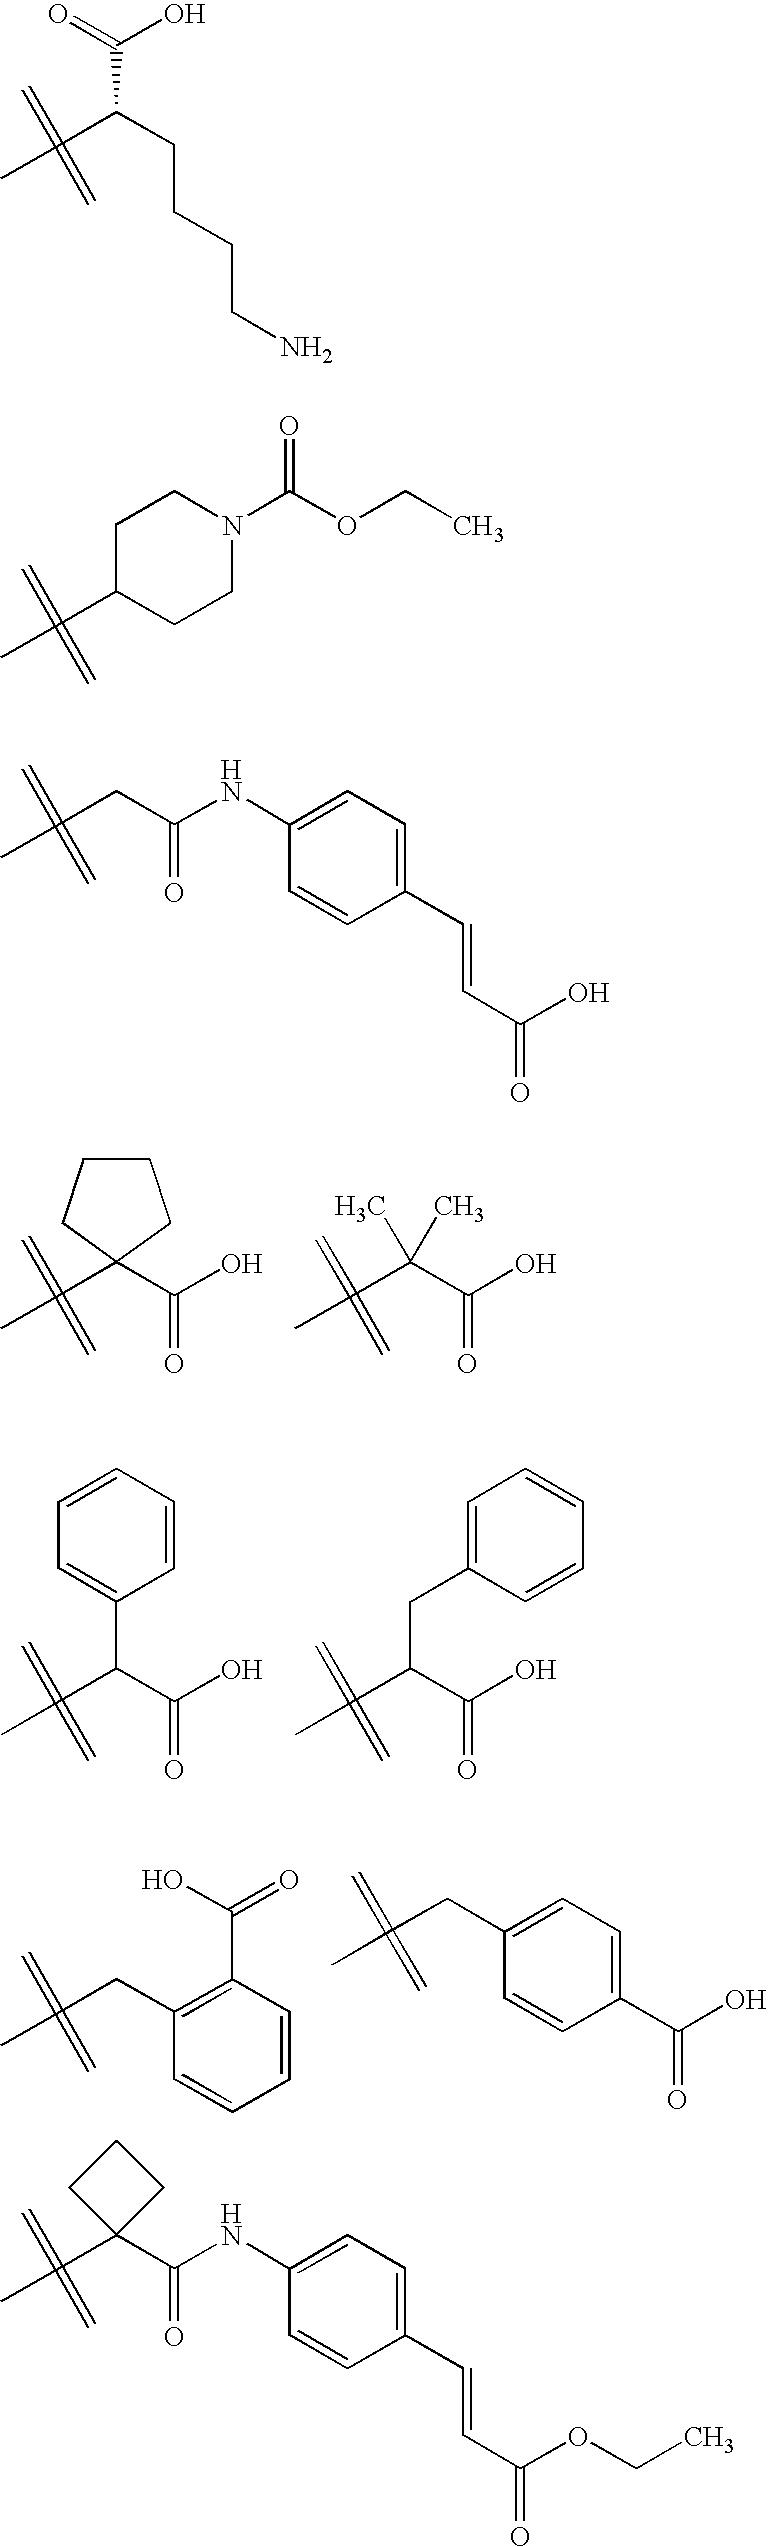 Figure US20070049593A1-20070301-C00166